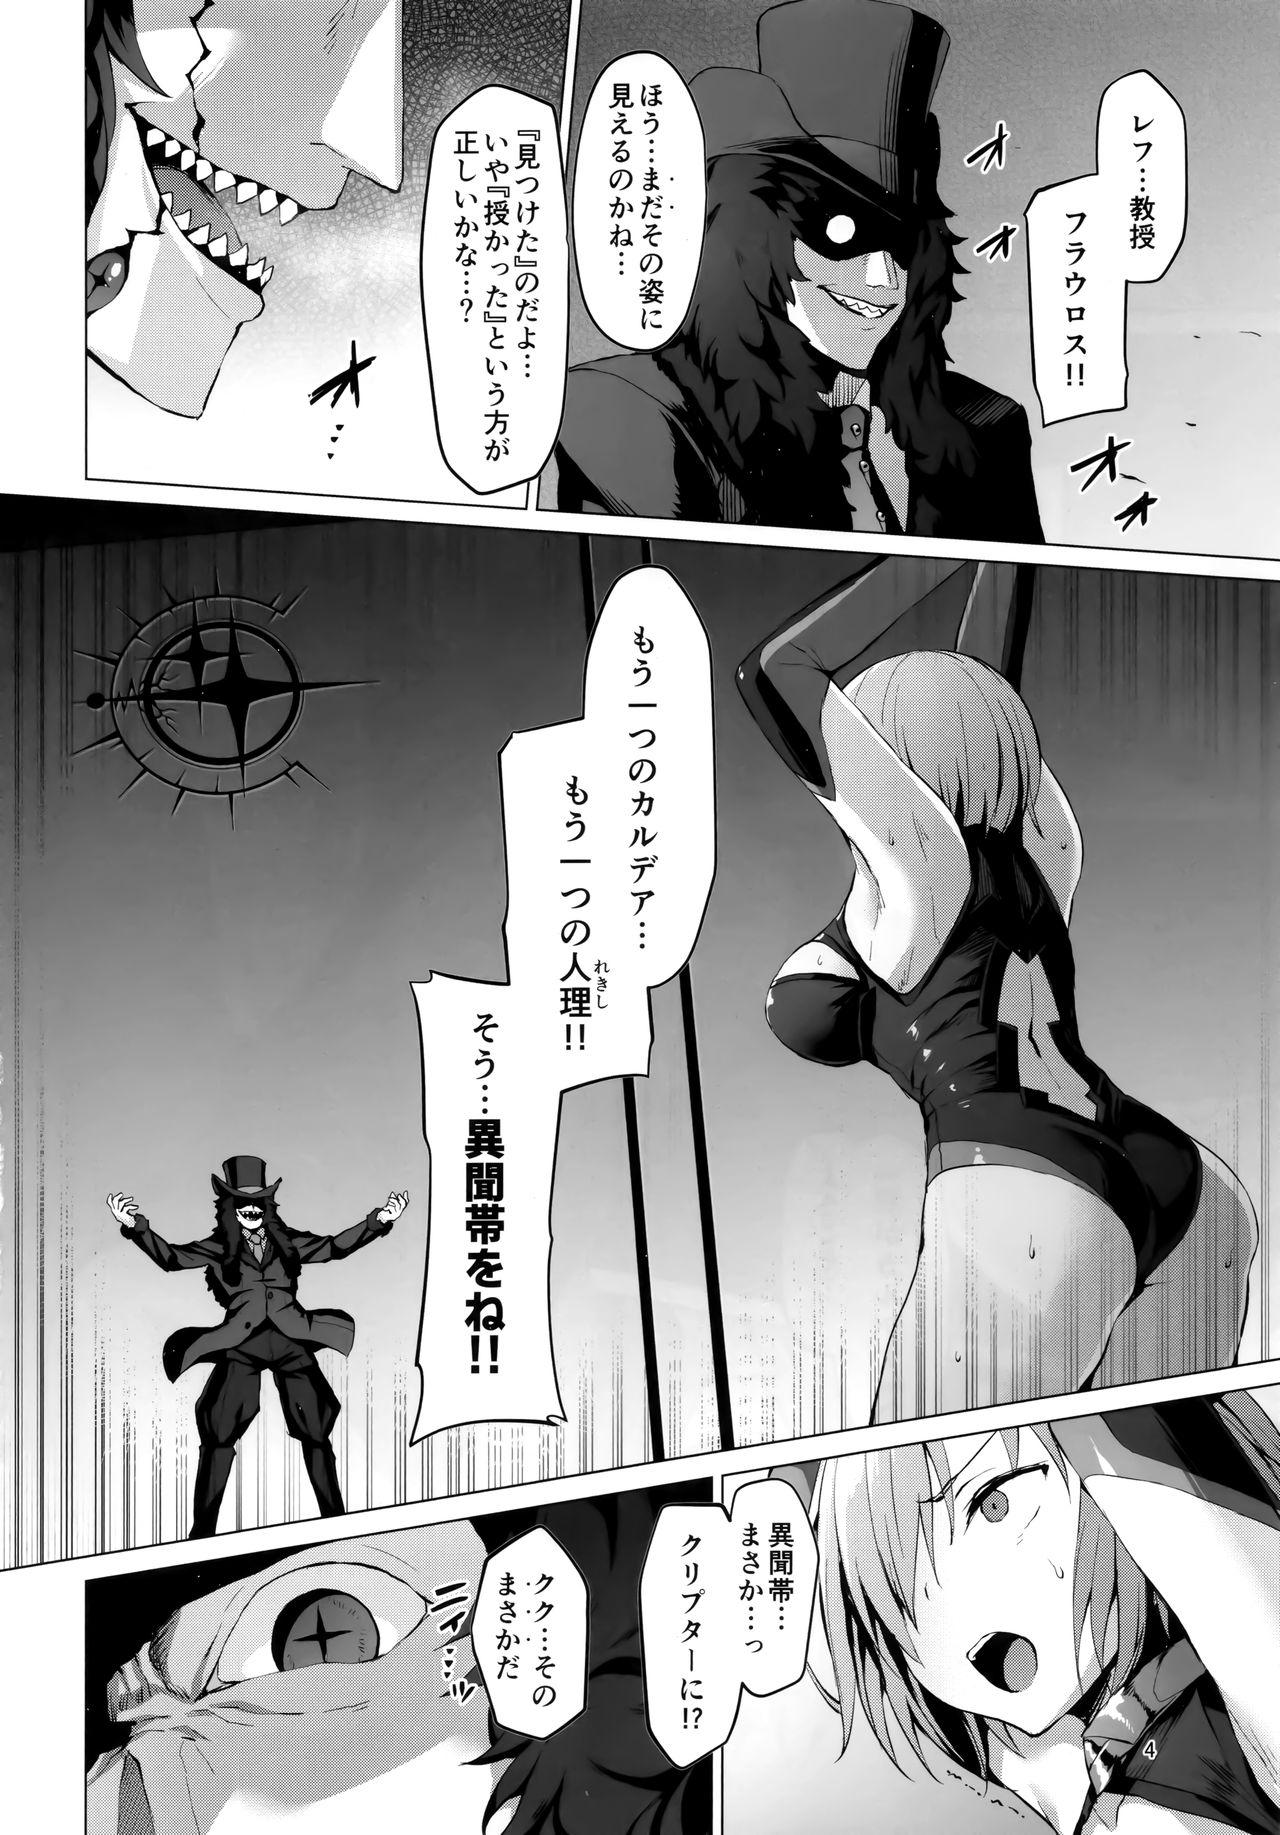 Ashu Jikan Shinden Chaldea 3